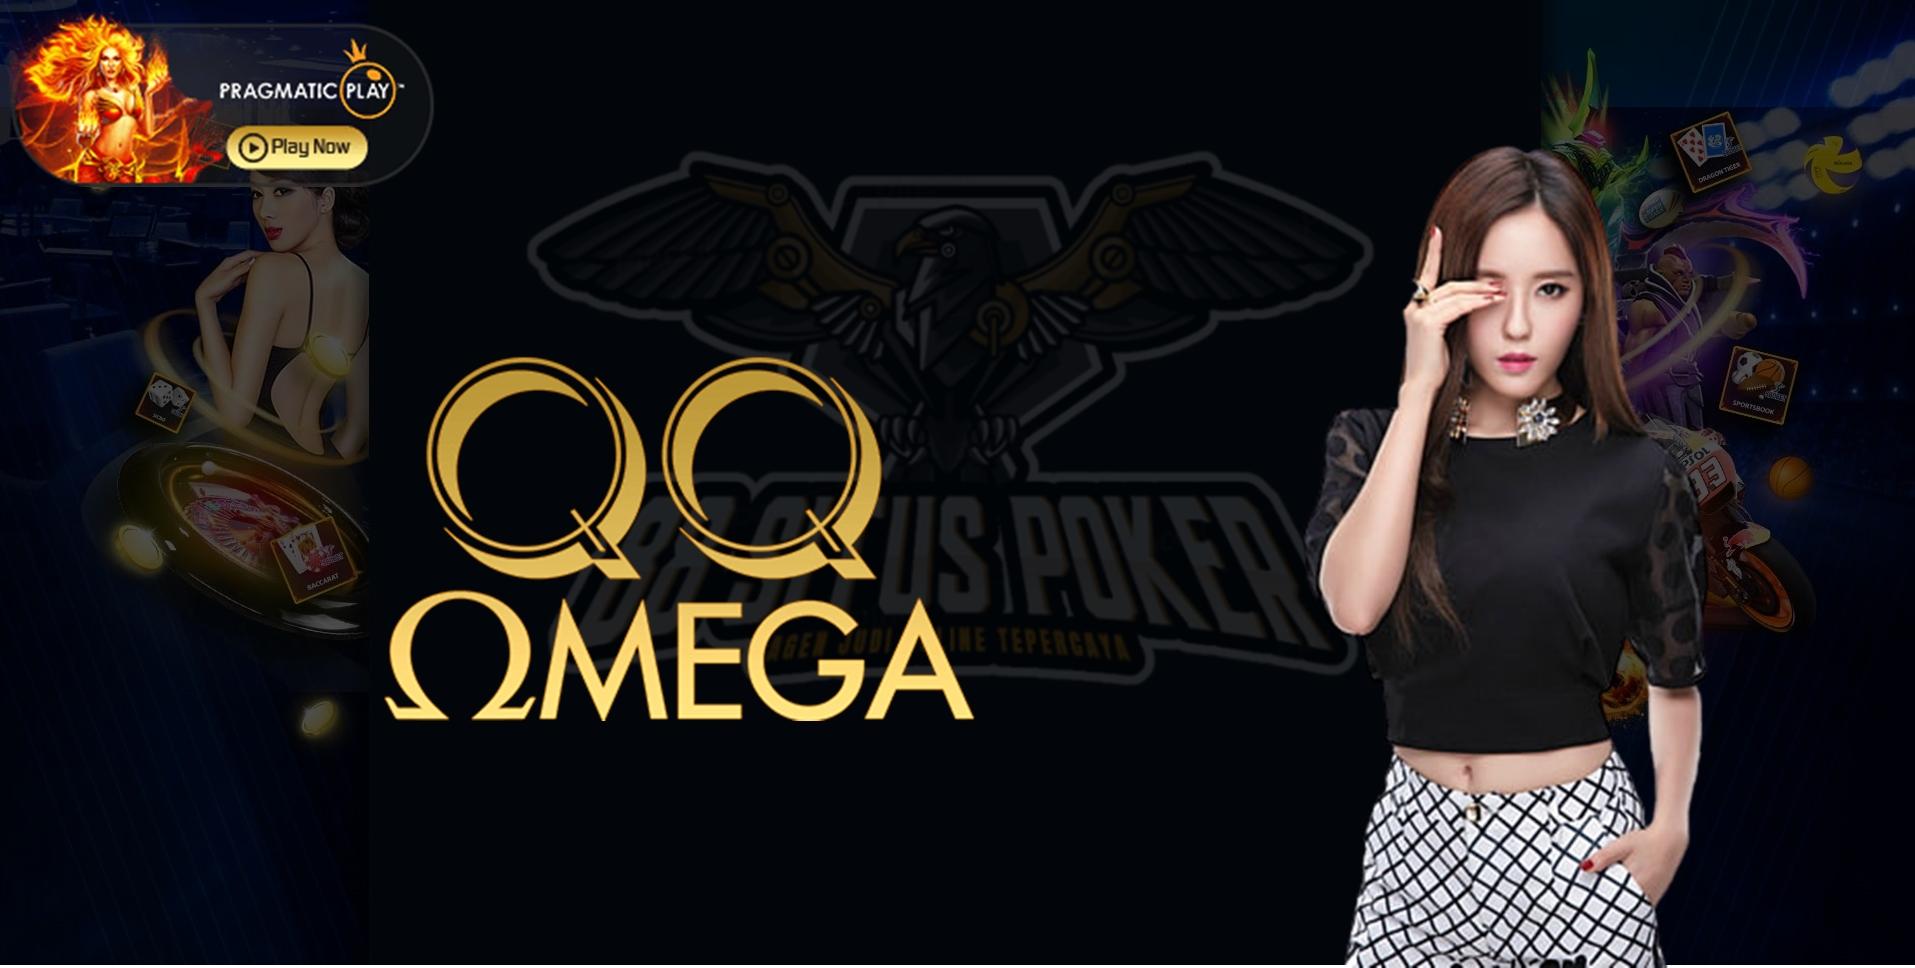 QQomega Situs Judi Slot Online Terbaru & Terlengkap 2020